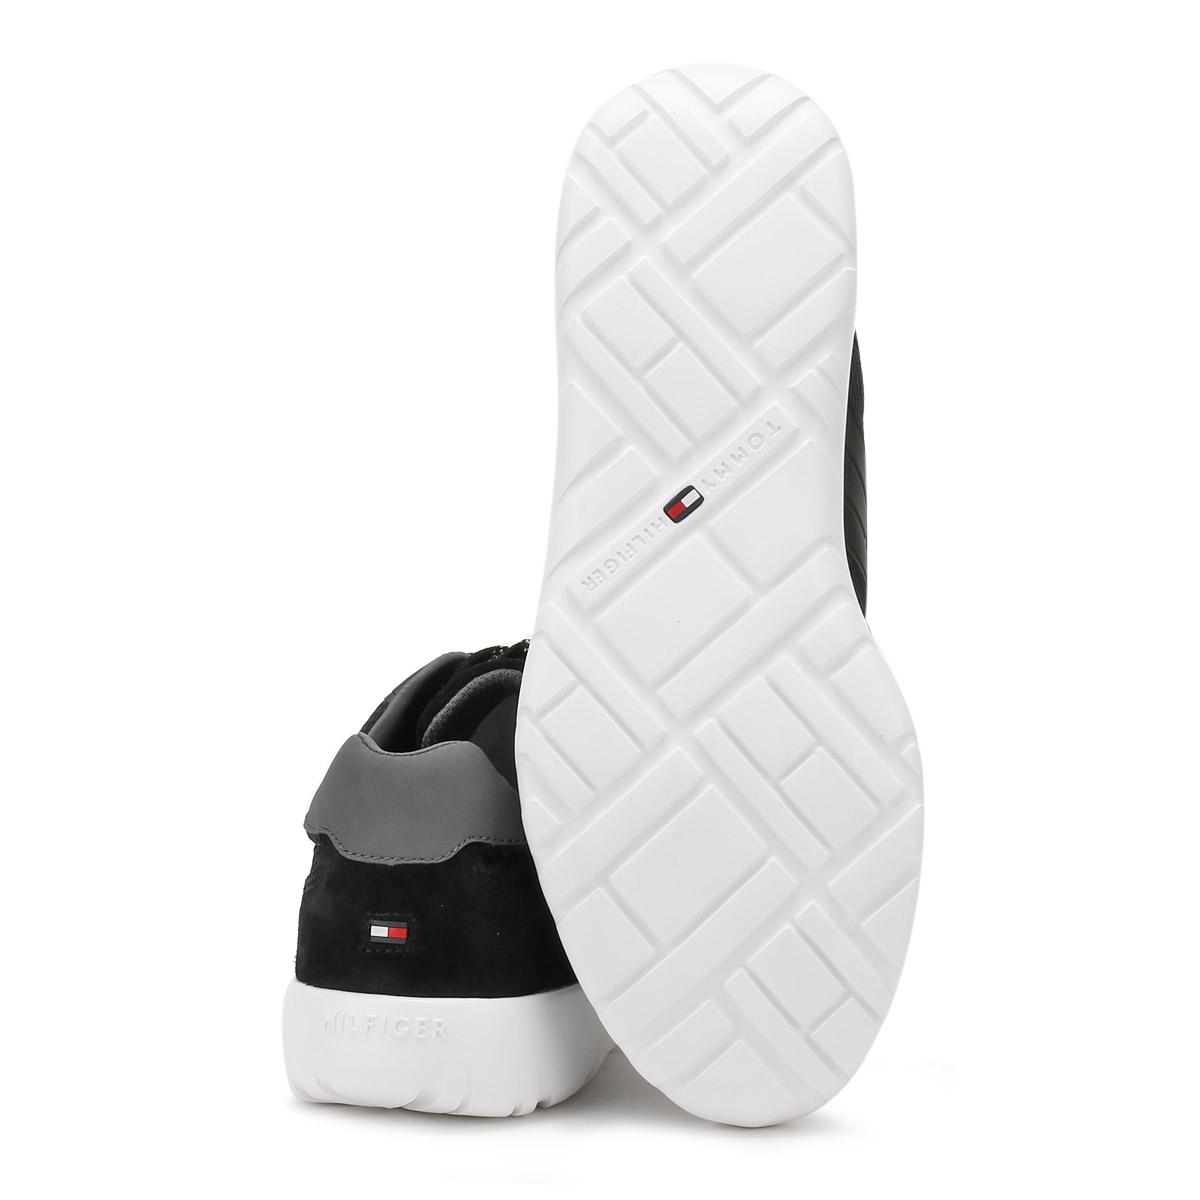 sports shoes e46b1 e3a94 ... mens Black original adidas trainers shoe size 7 7 7 64b16f ...